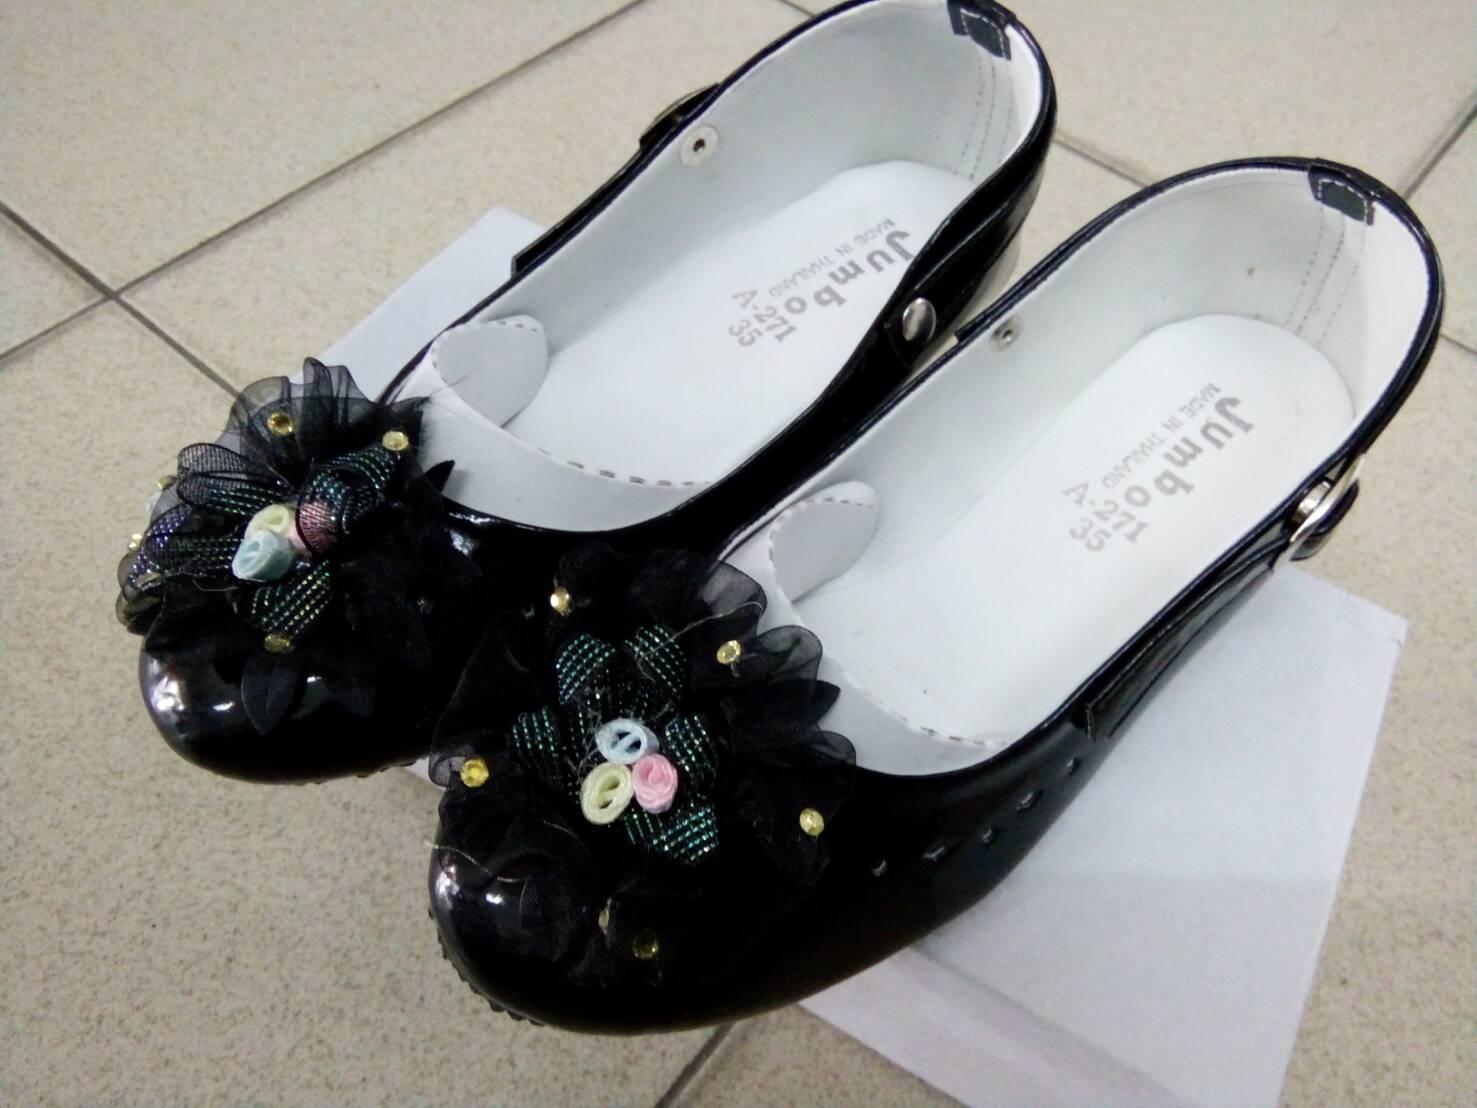 รองเท้าคัทชูหญิงสีดำ มีสายรัดหมุนเก็บได้ ไซส์ 25-34